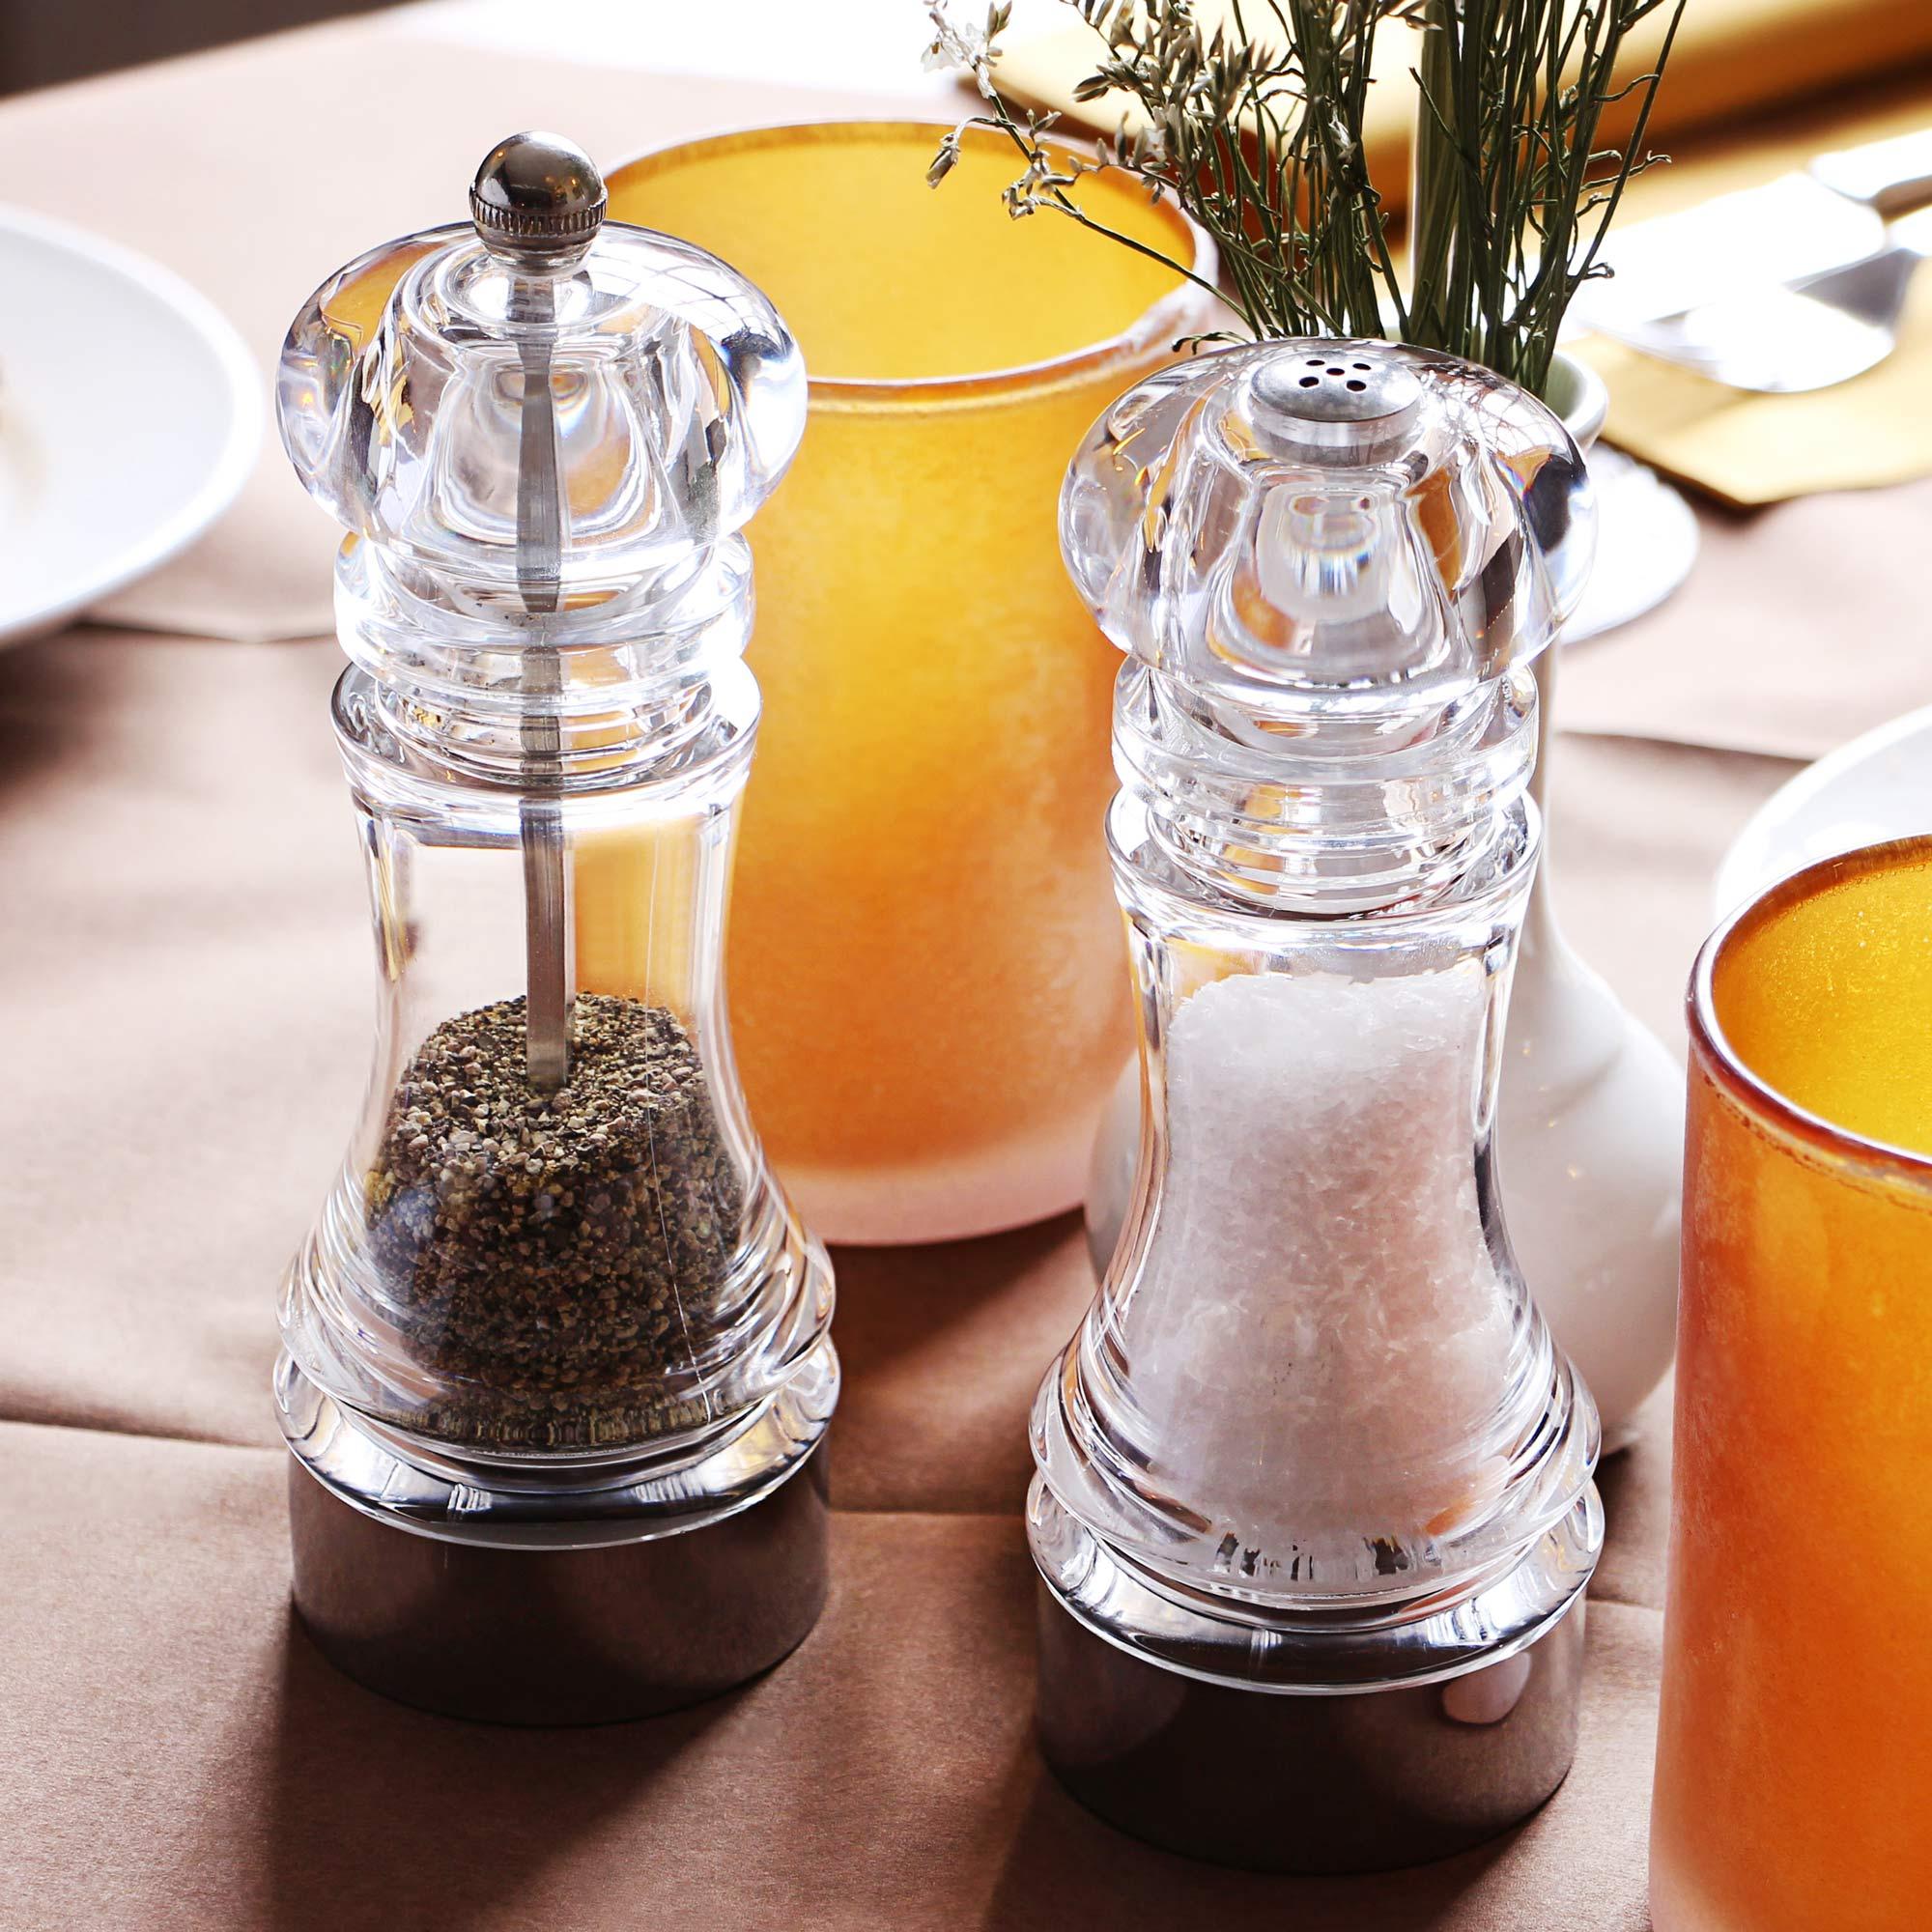 Acrylic Pepper Mill Salt Shaker Set Salt Grinder Pepper Grinder Buy At Drinkstuff